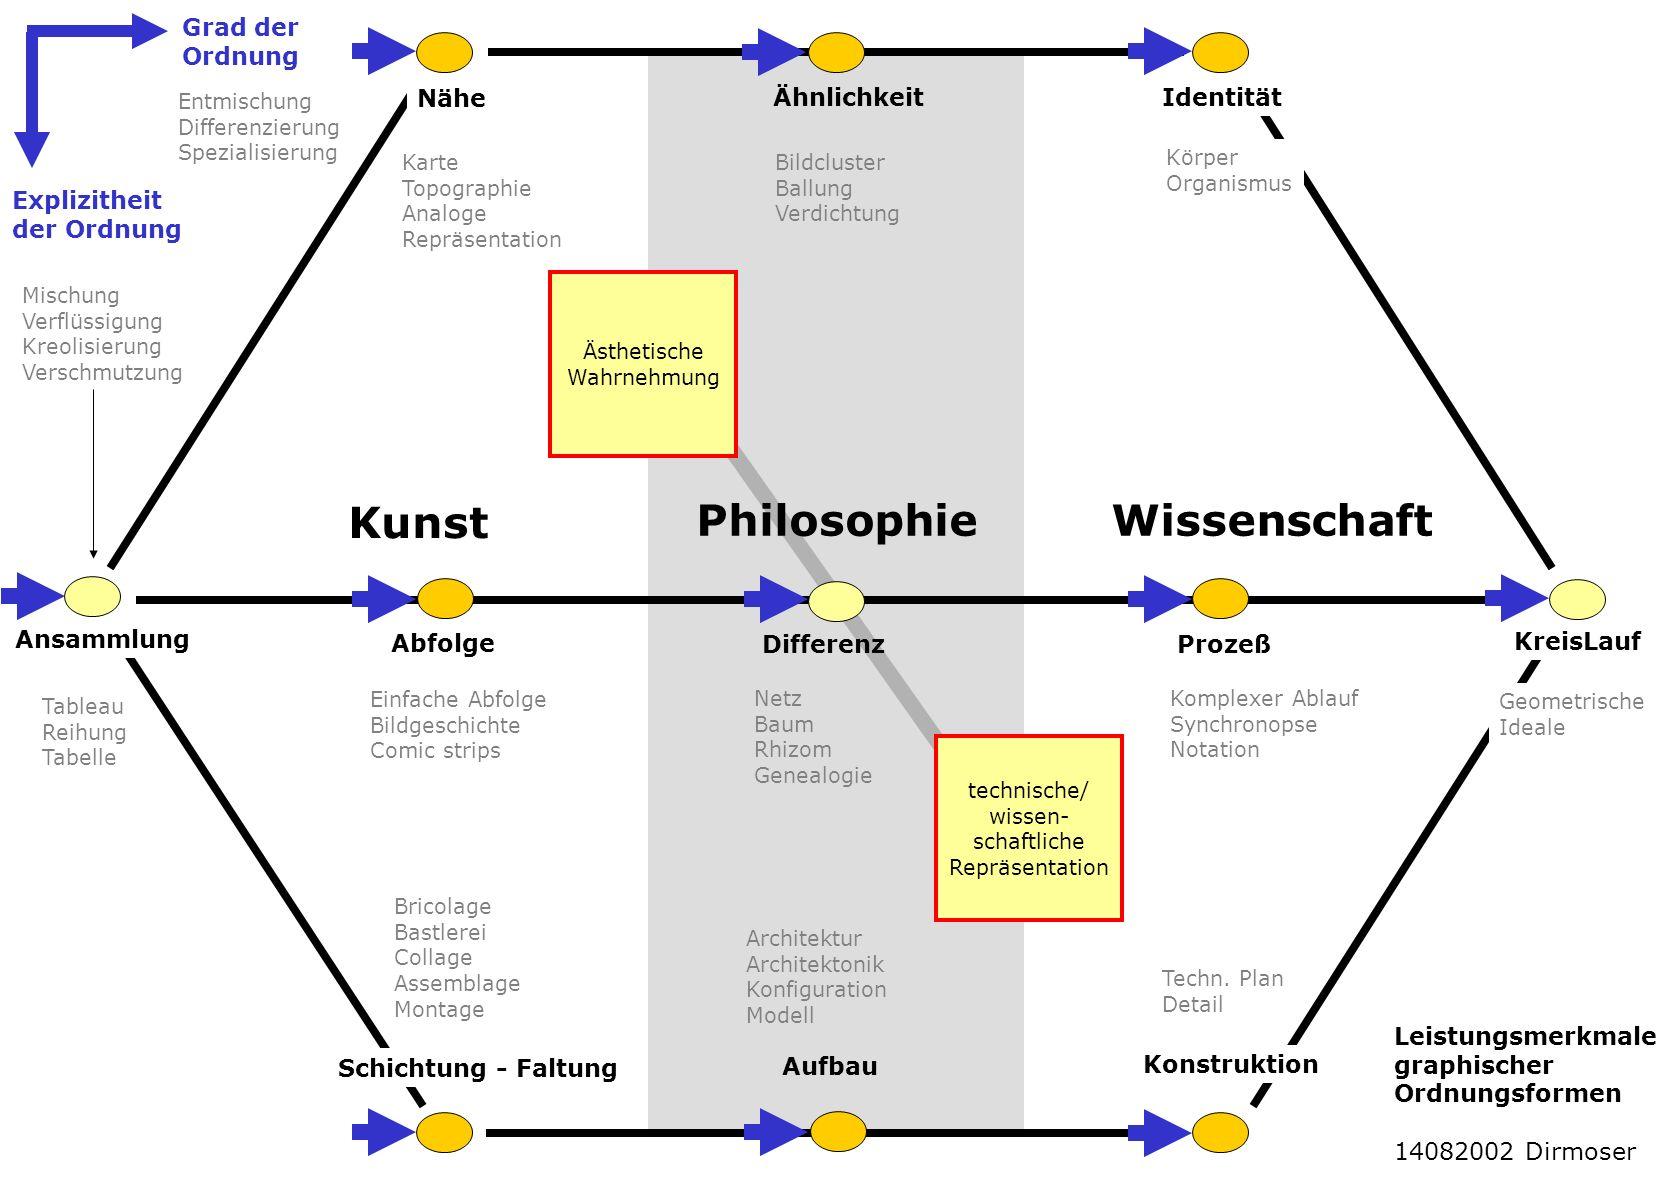 Ähnlichkeit Nähe Identität Ansammlung Abfolge DifferenzProzeß KreisLauf Schichtung - Faltung Aufbau Konstruktion Geometrische Ideale Komplexer Ablauf